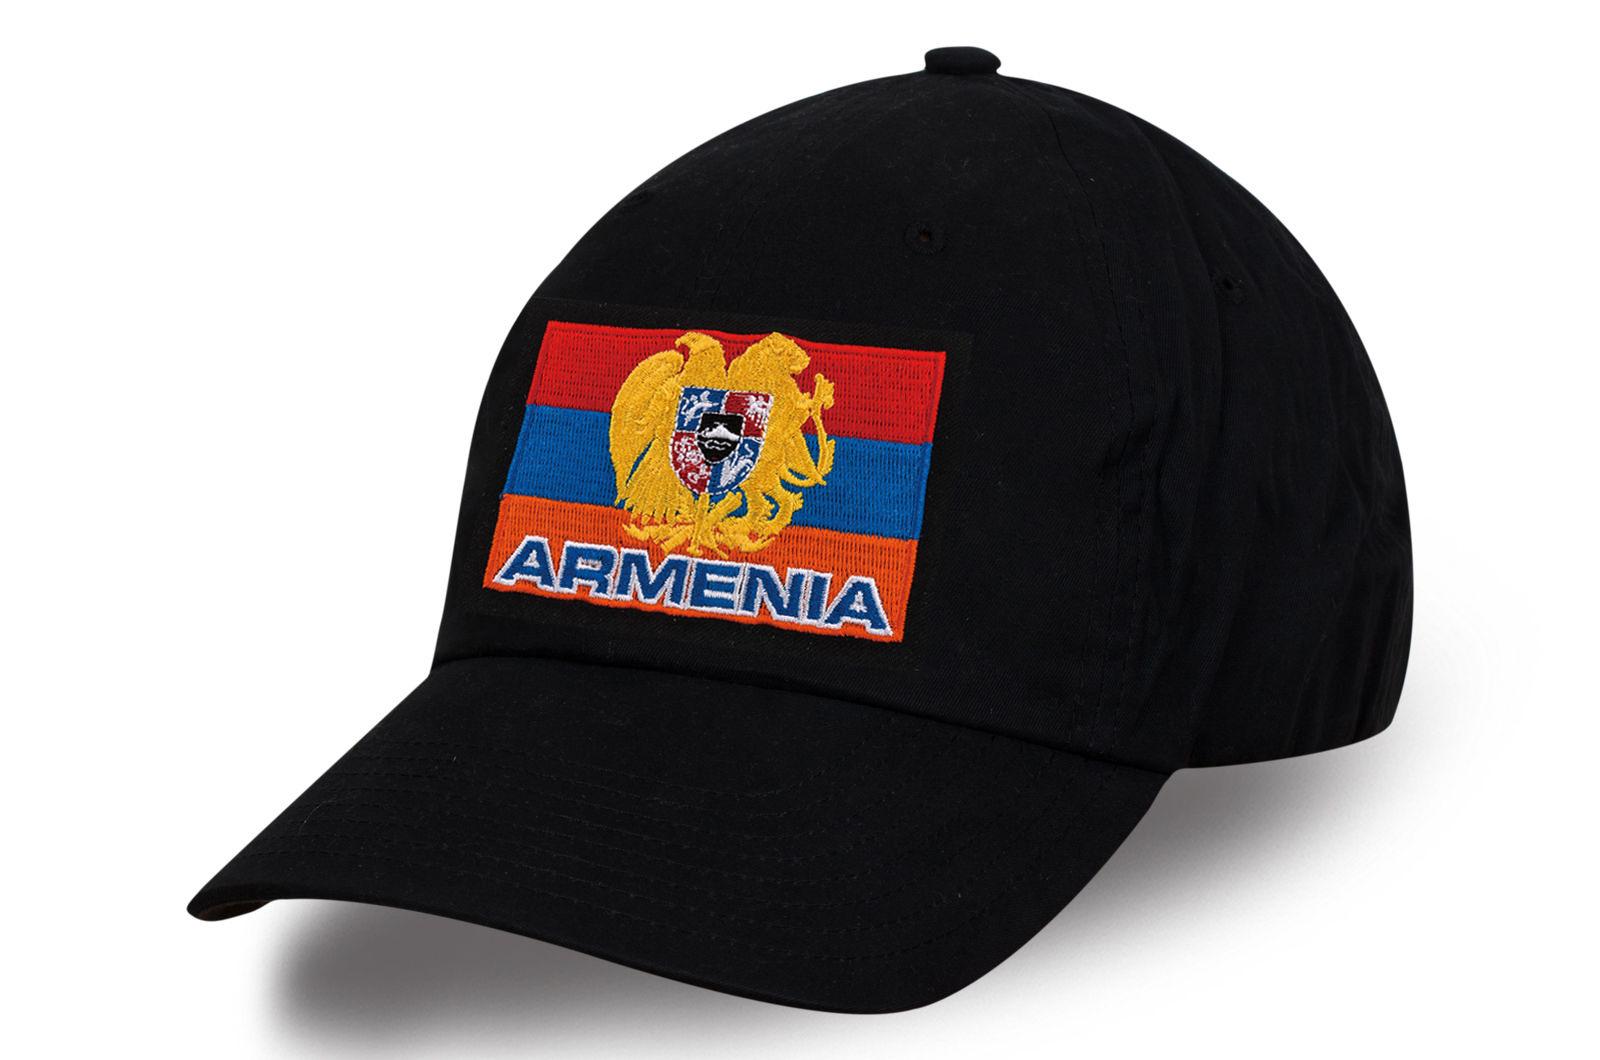 Кепка с армянской вышитой символикой